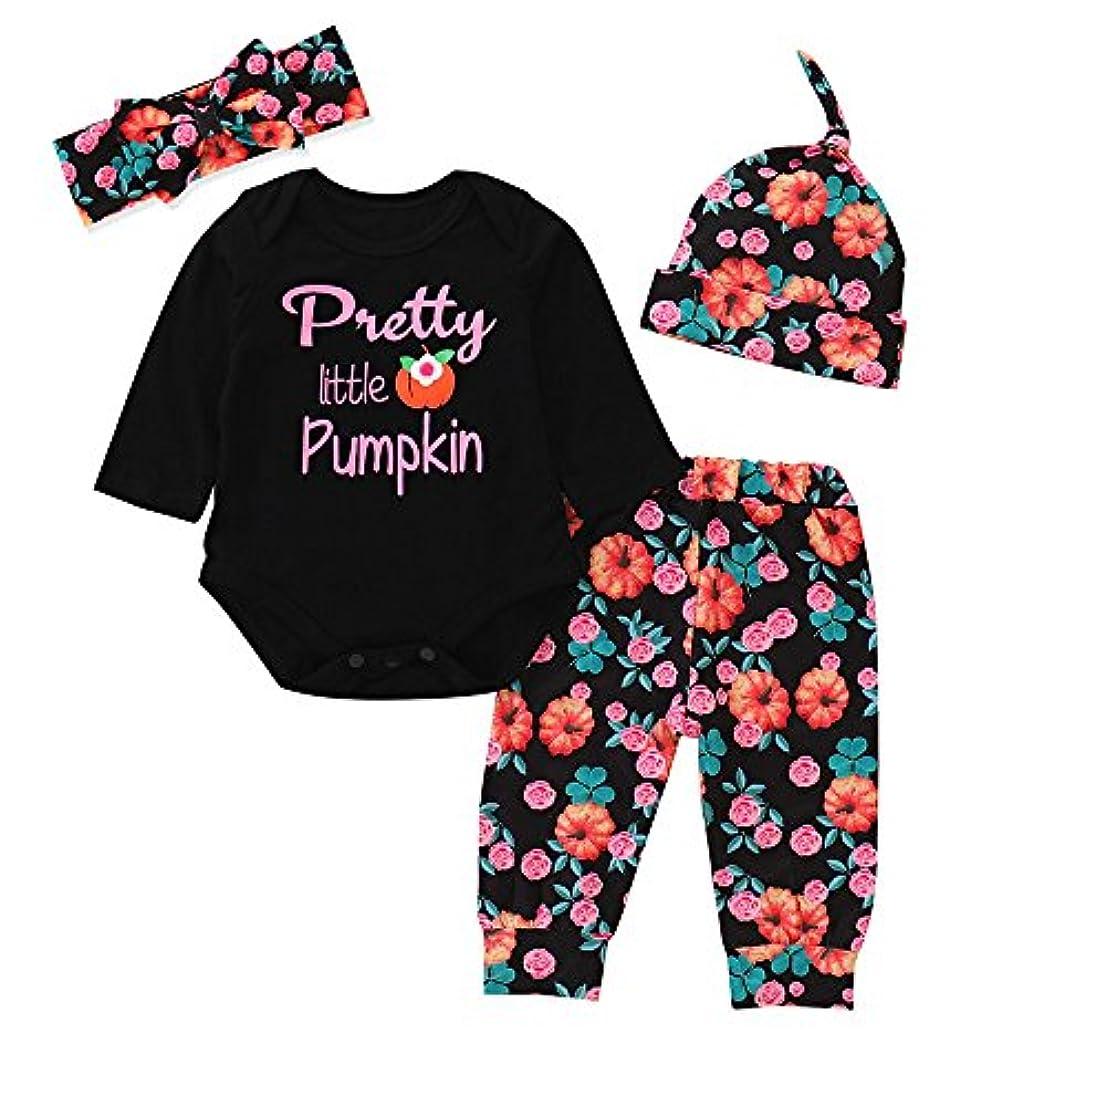 自動化うつ同様の(プタス) Putars 幼児少年少女ハロウィンパンプキンレターロンパートップス+パンツ+ヘッドバンド+キャップ 6ヶ月 - 24ヶ月